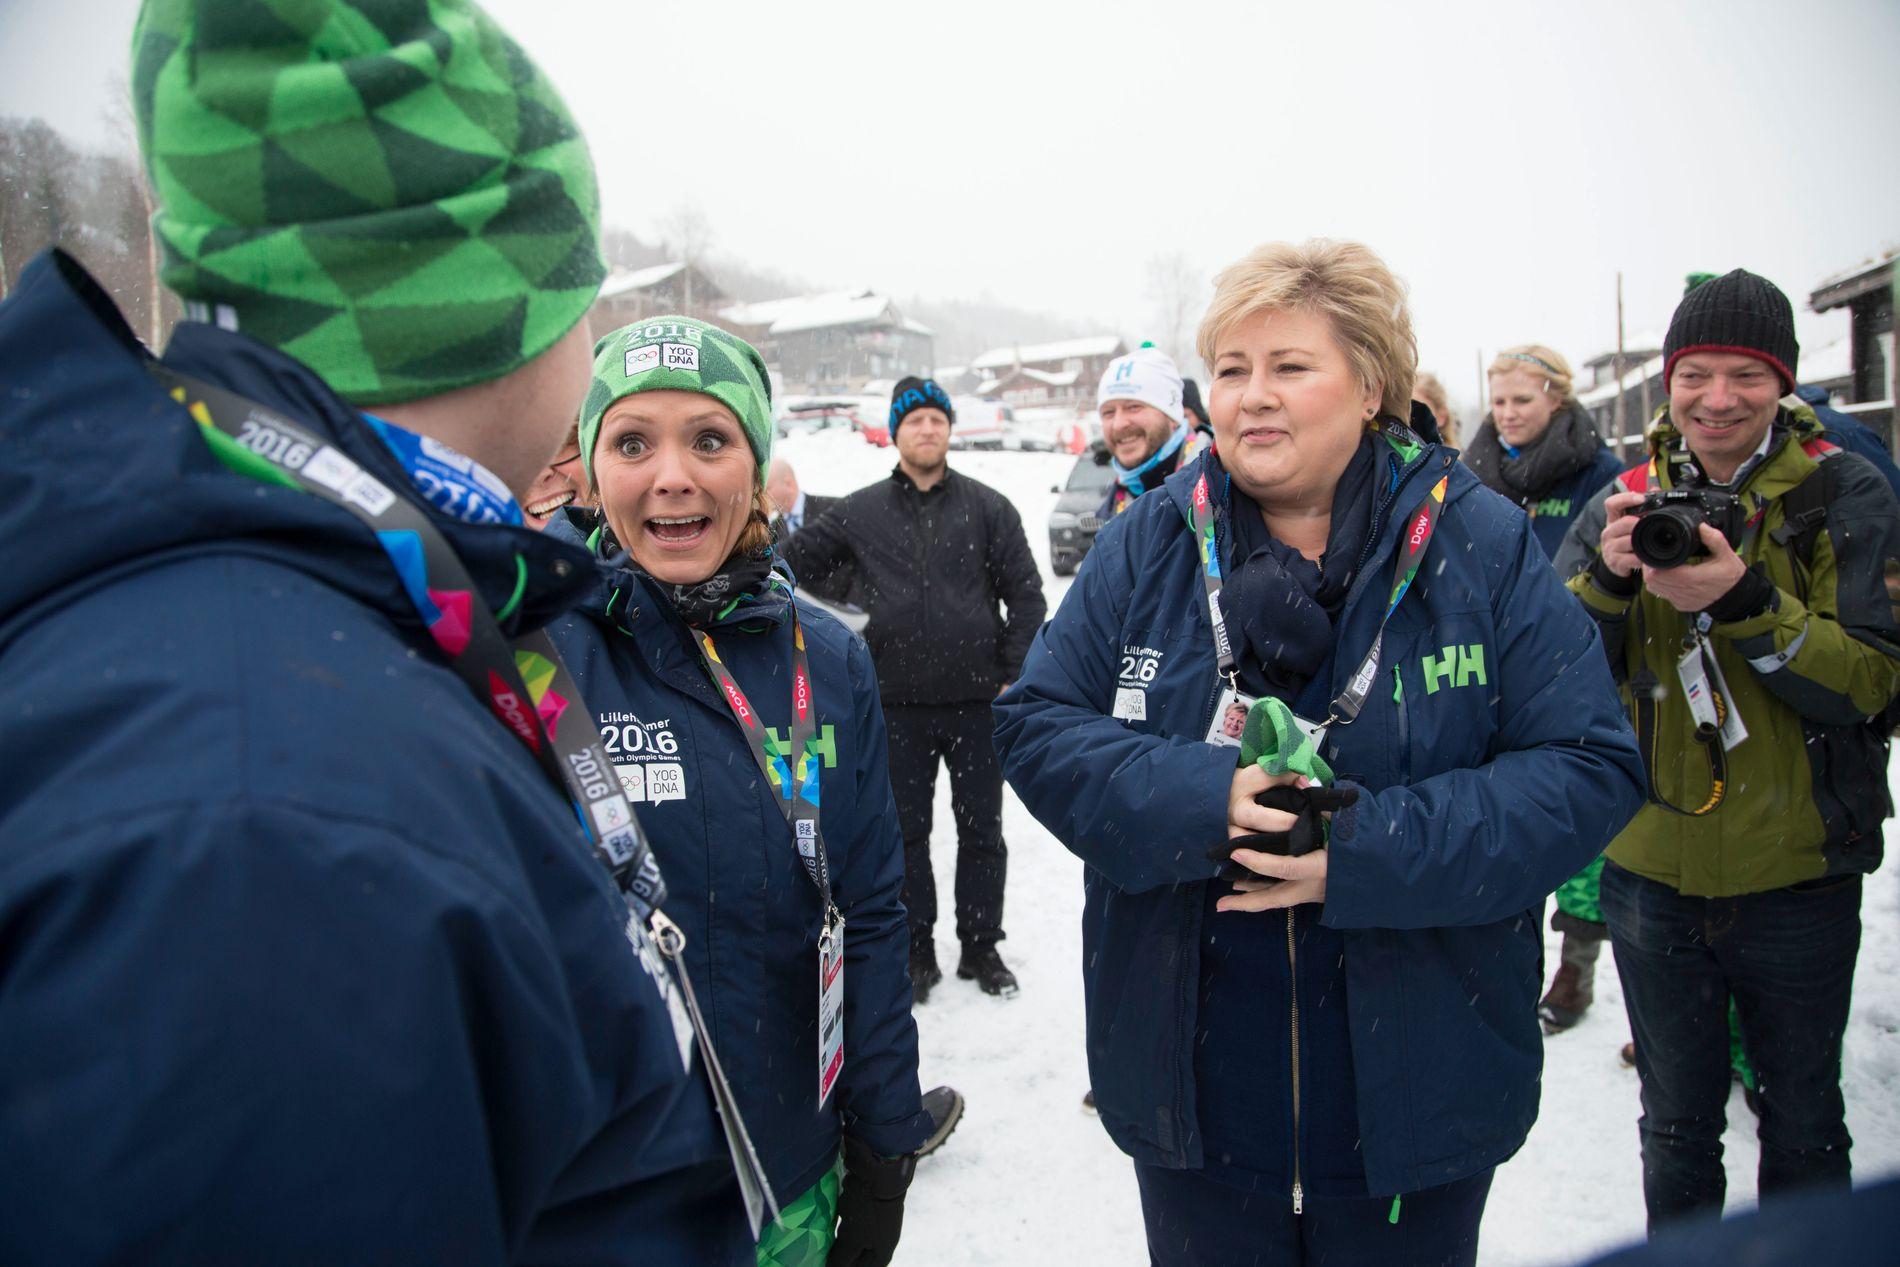 Siden slutten av desember har både statsminister Erna Solberg (H) og utenriksminister Børge Brende (H) brukt sin og Regjeringens tyngde for å sikre at parti- og regjeringskollega Linda Hofstad Helleland (H) skal få det ledige toppvervet som visepresident i Verdens antidopingbyrå (WADA).